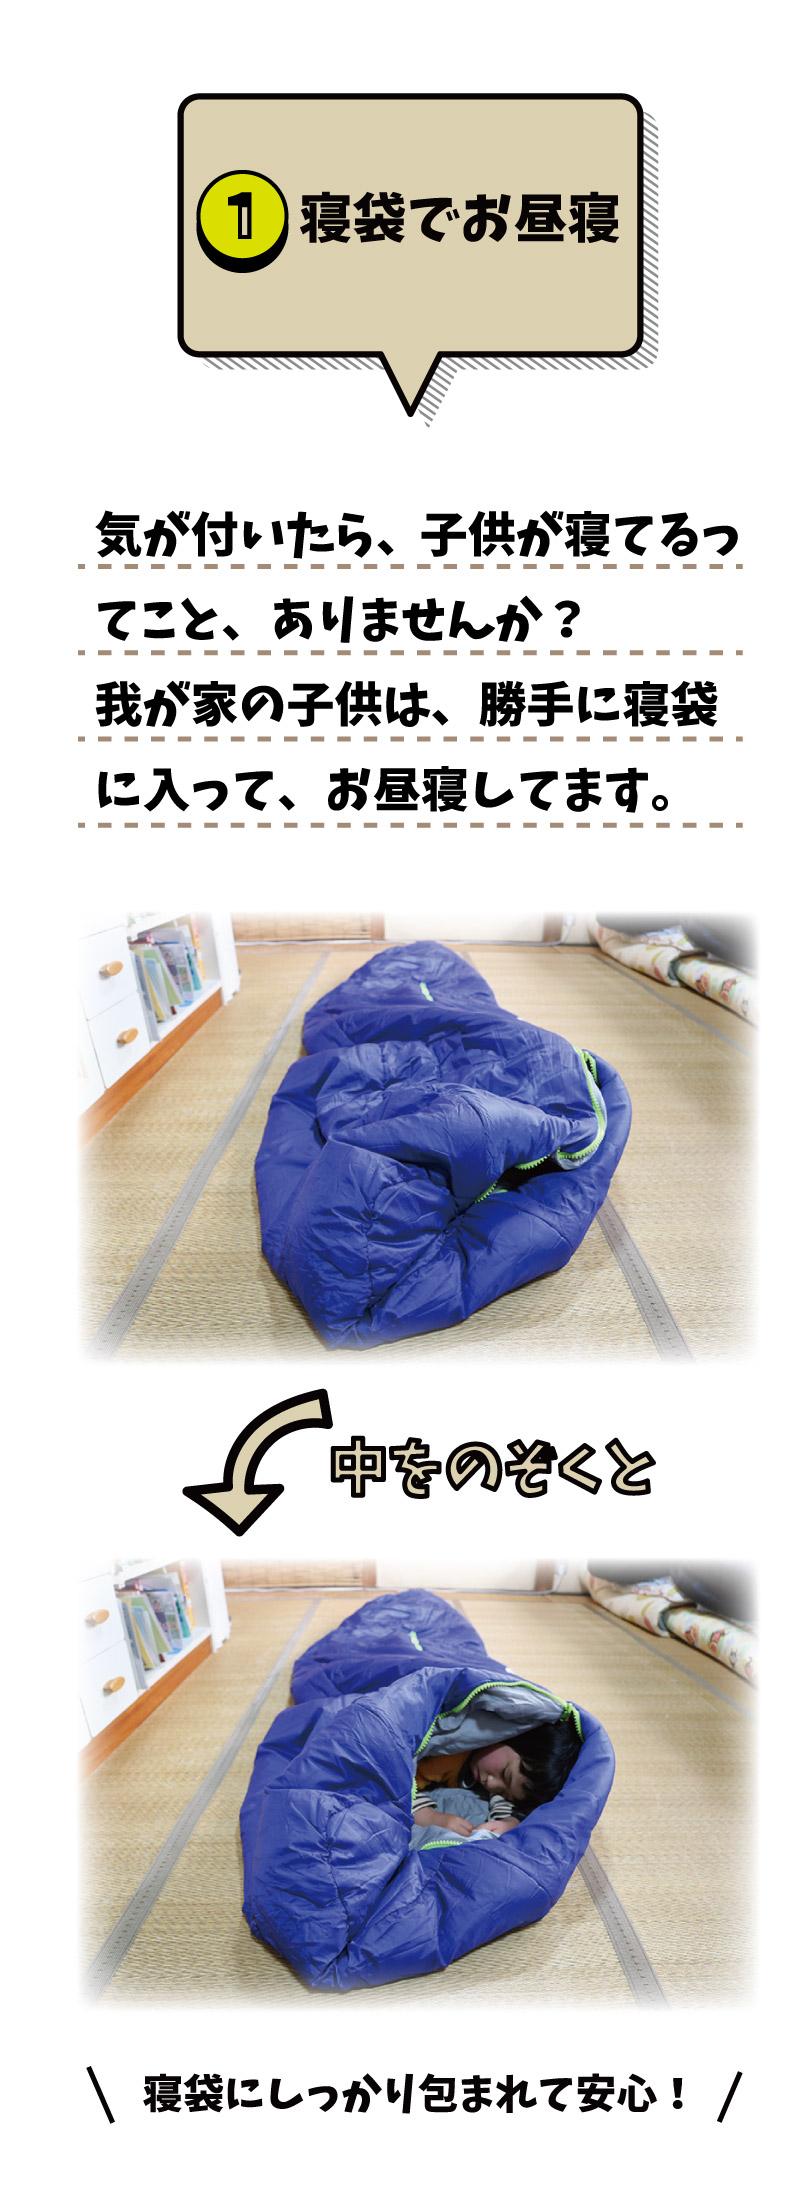 ①寝袋でお昼寝|気が付いたら、子供が寝てるってこと、ありませんか?我が家の子供は、勝手に寝袋に入って、お昼寝してます。中をのぞくと寝袋にしっかり包まれて安心!